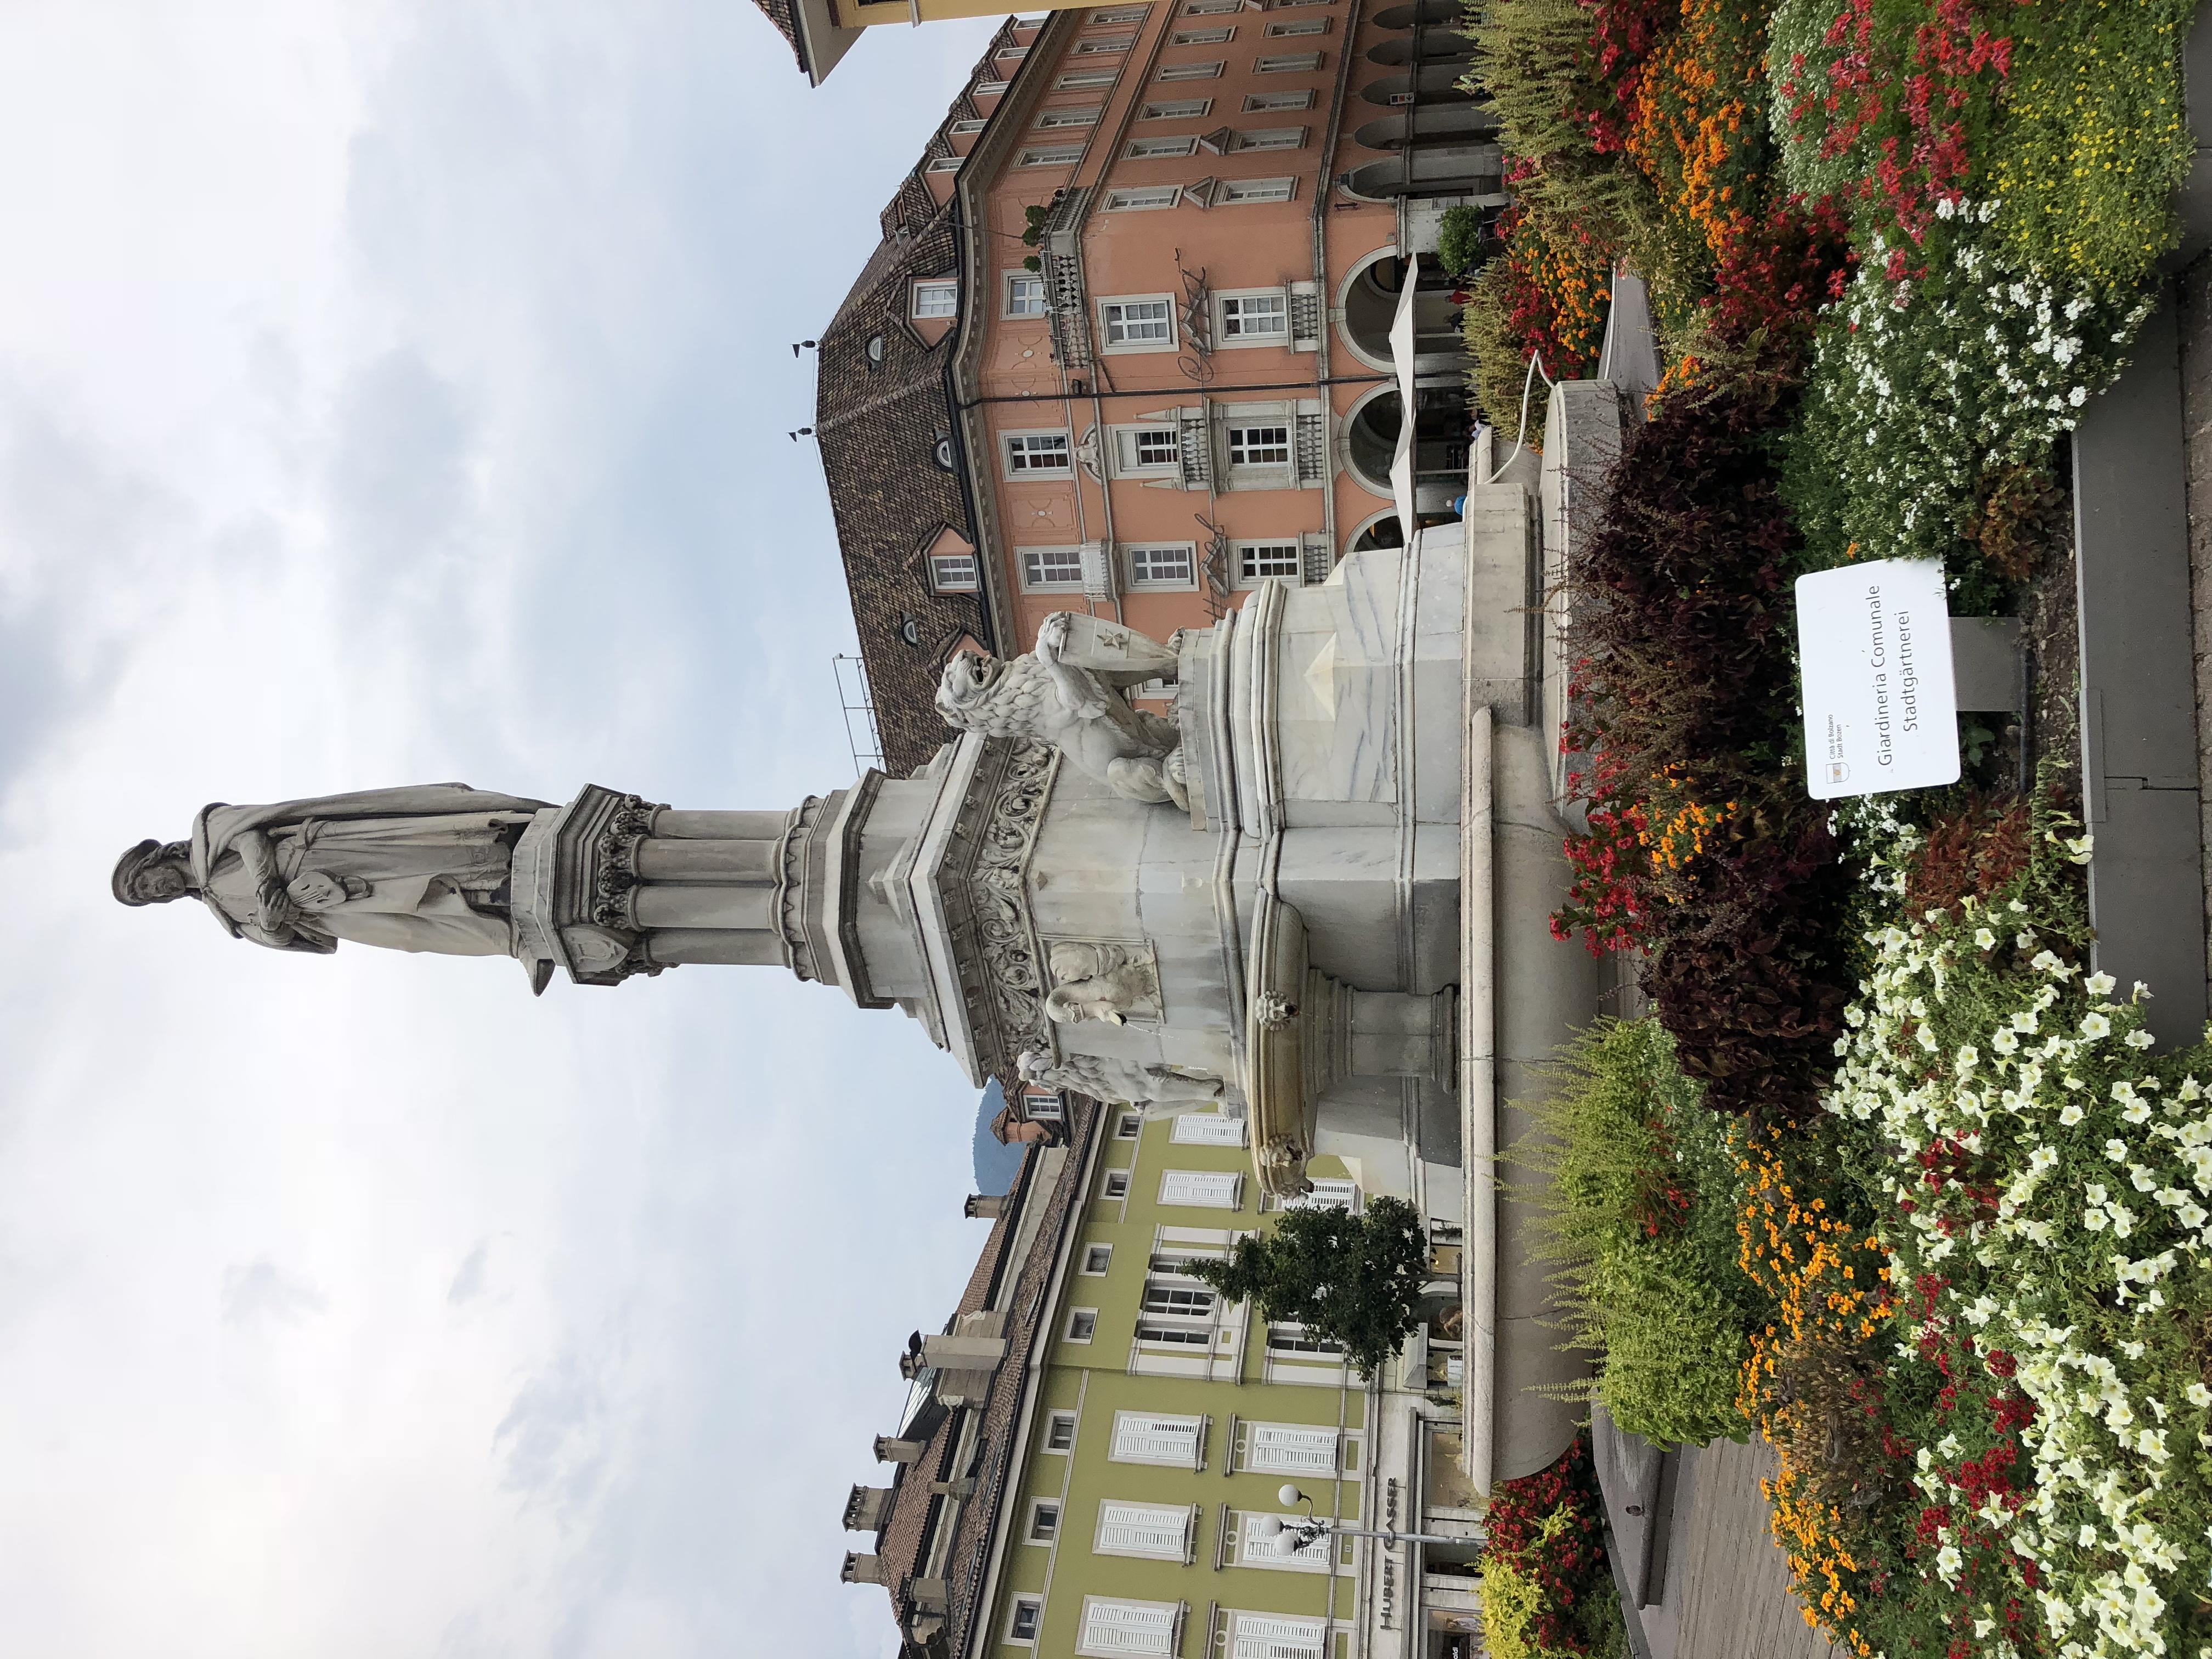 Walther-Denkmal (Bozen)